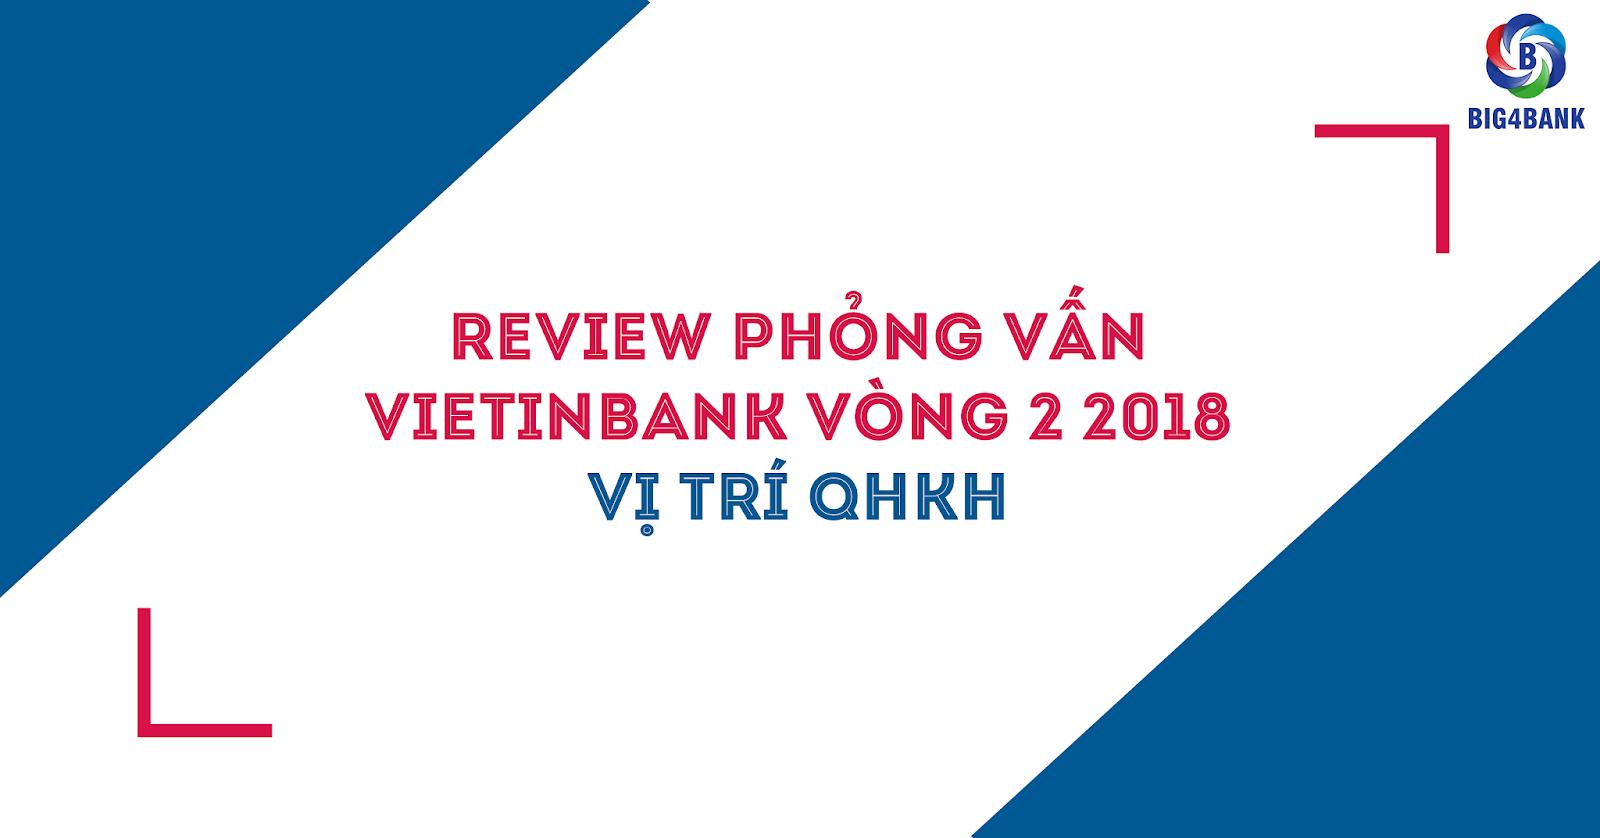 Review Phỏng Vấn Vietinbank Vòng 2- 2018 Vị Trí QHKH